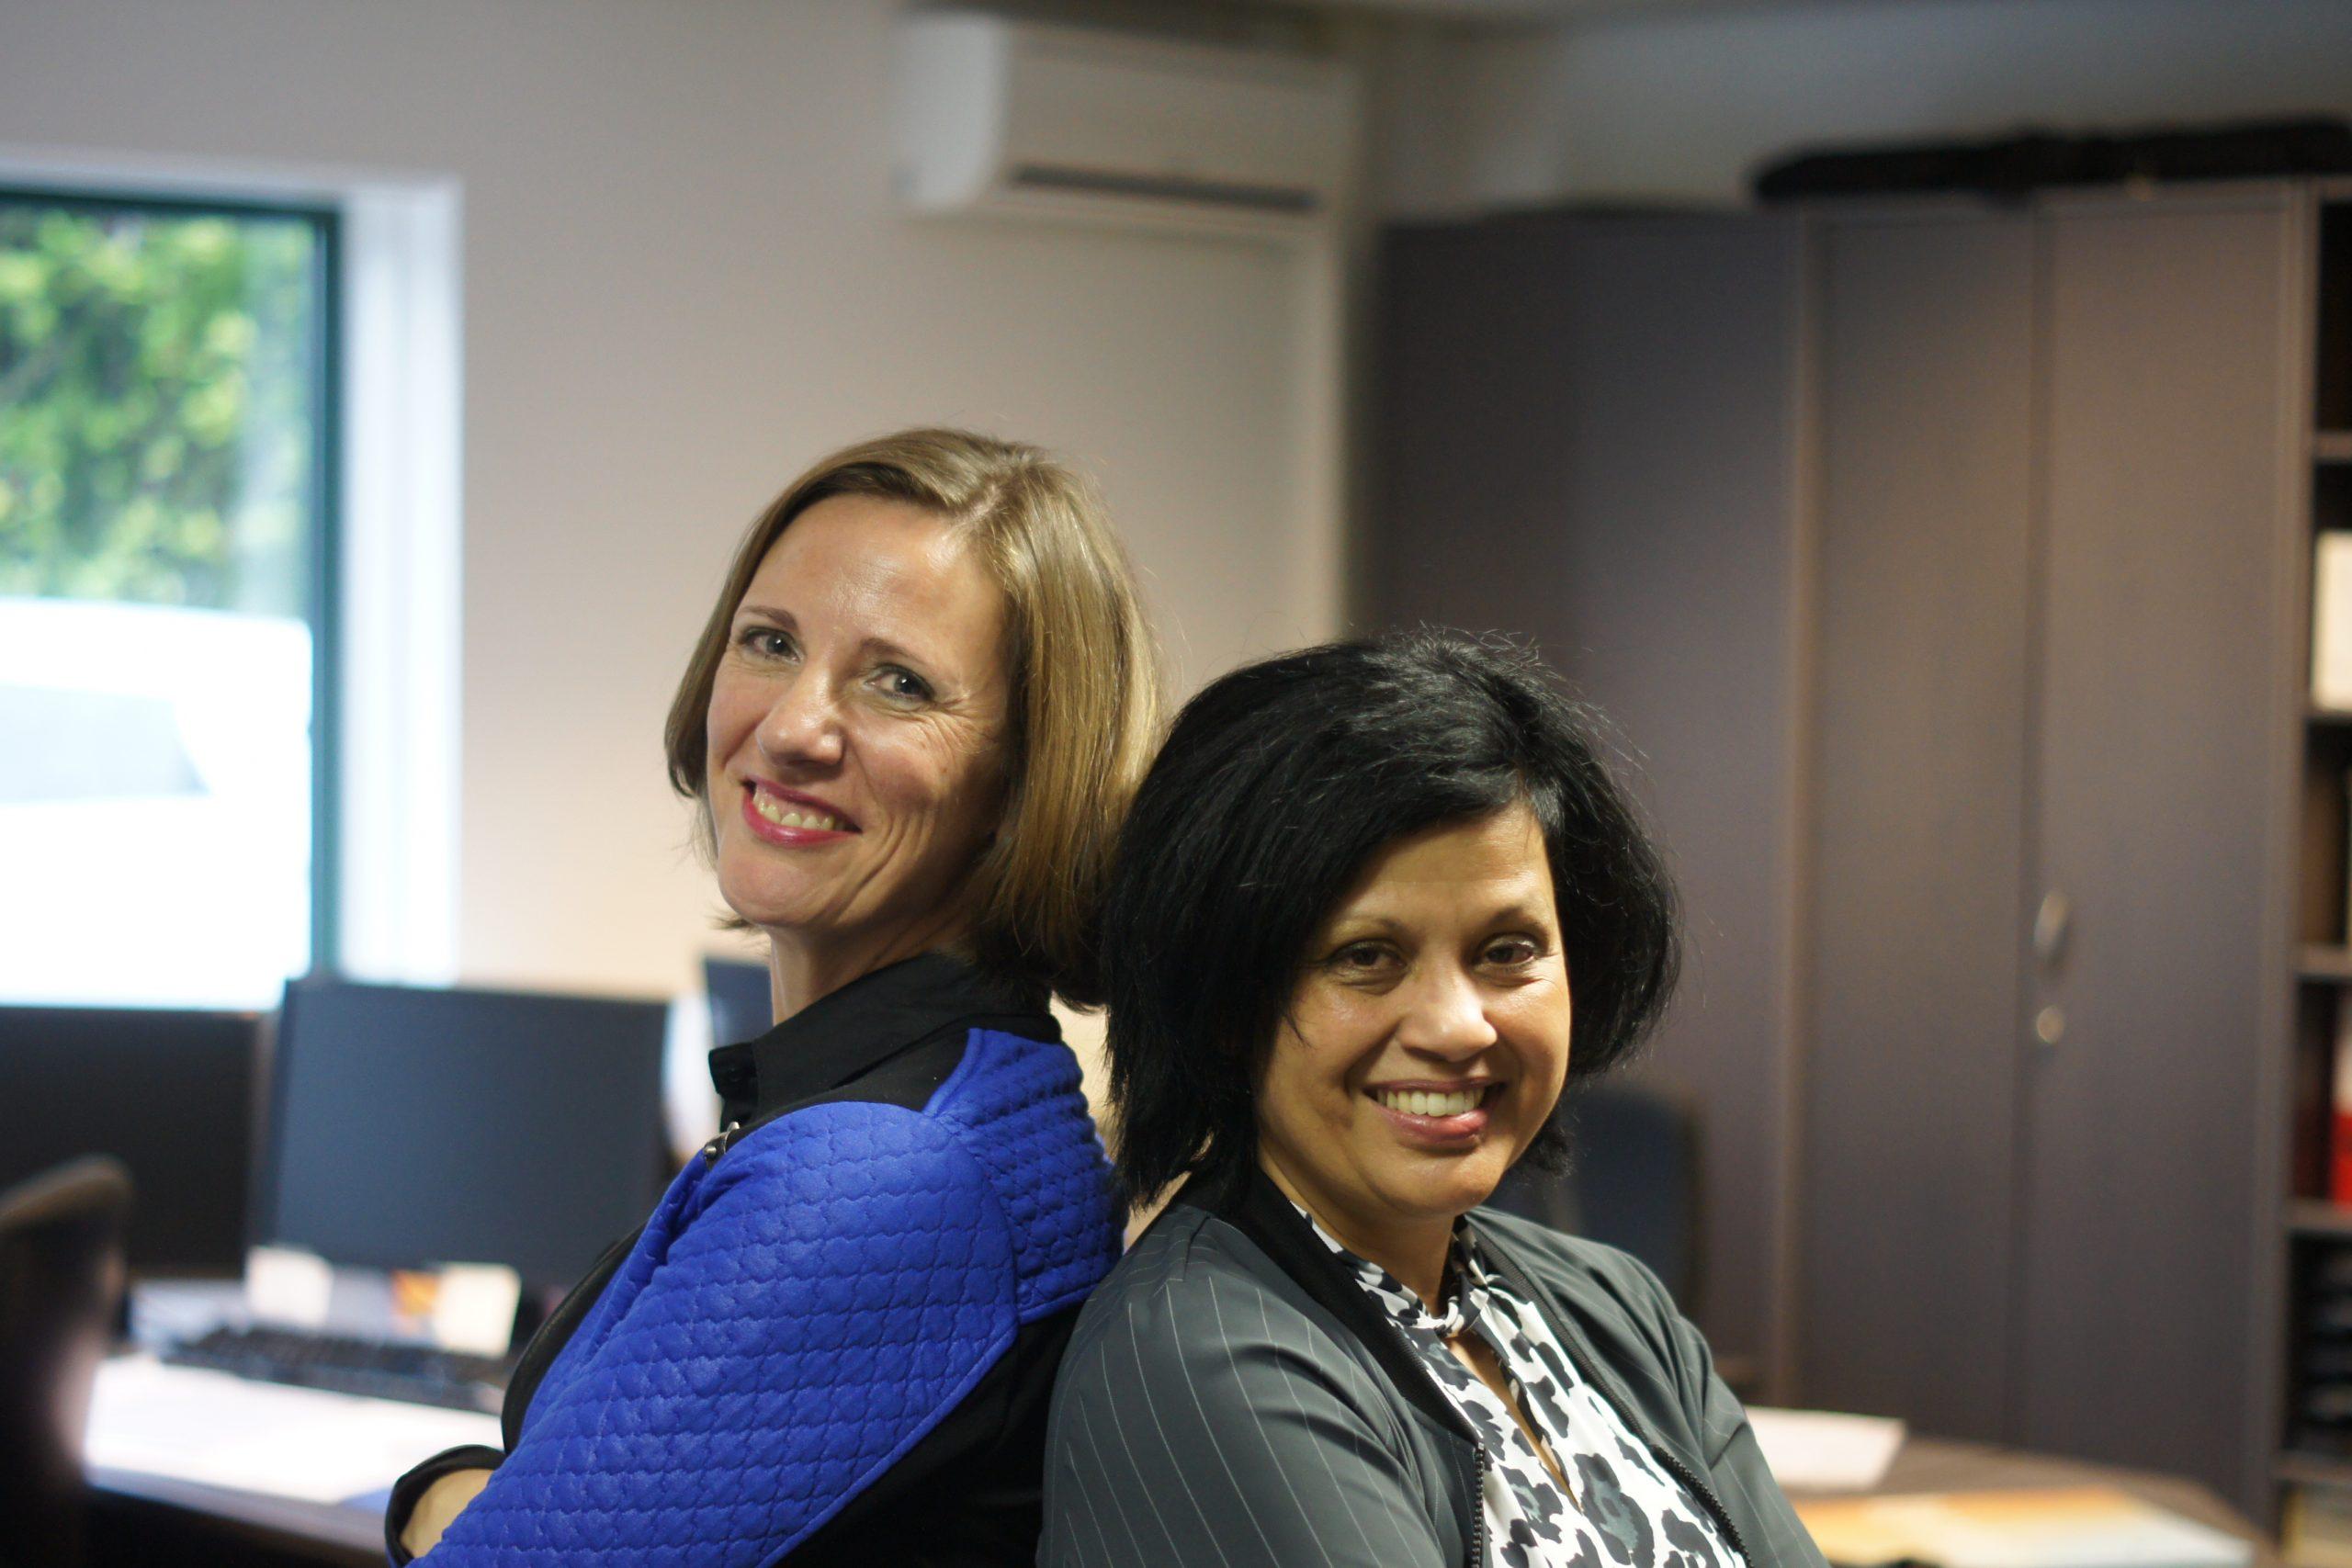 De ondernemersmicrofoon met Angela Huckriede van Meeuwesen Adviesgroep